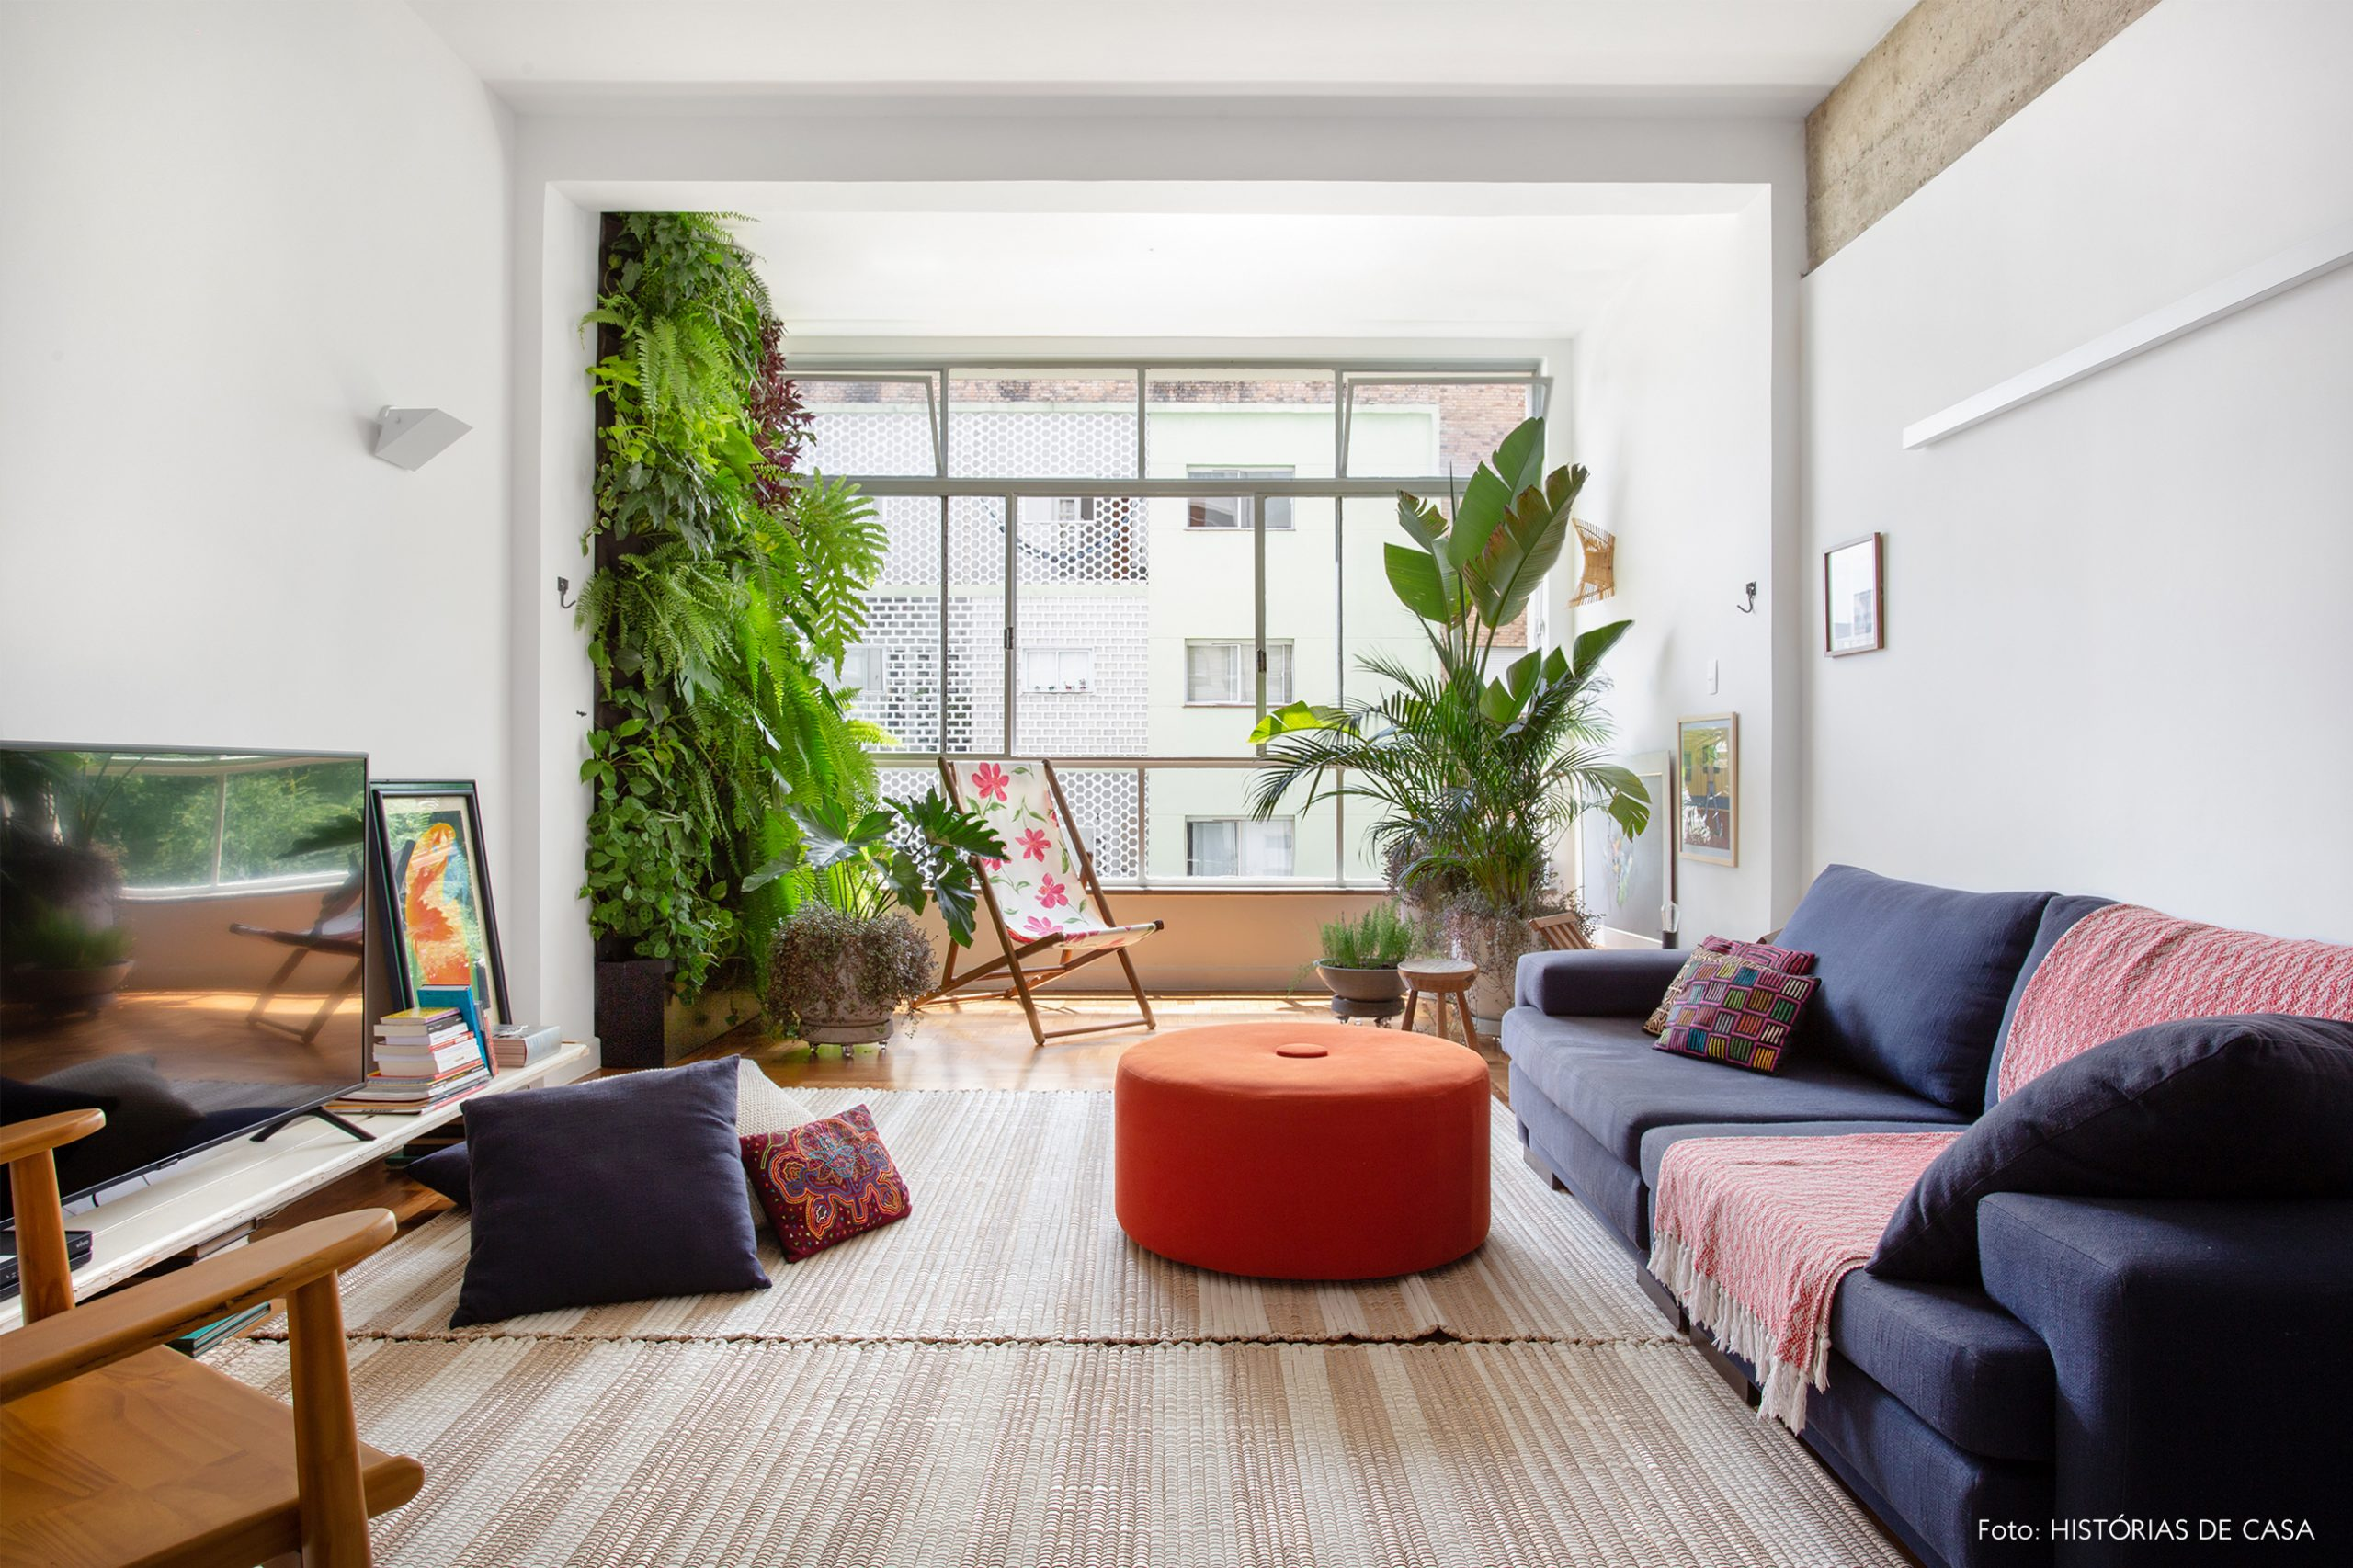 decoração sala com muitas plantas, pufes coloridos e cadeira de madeira e tecido